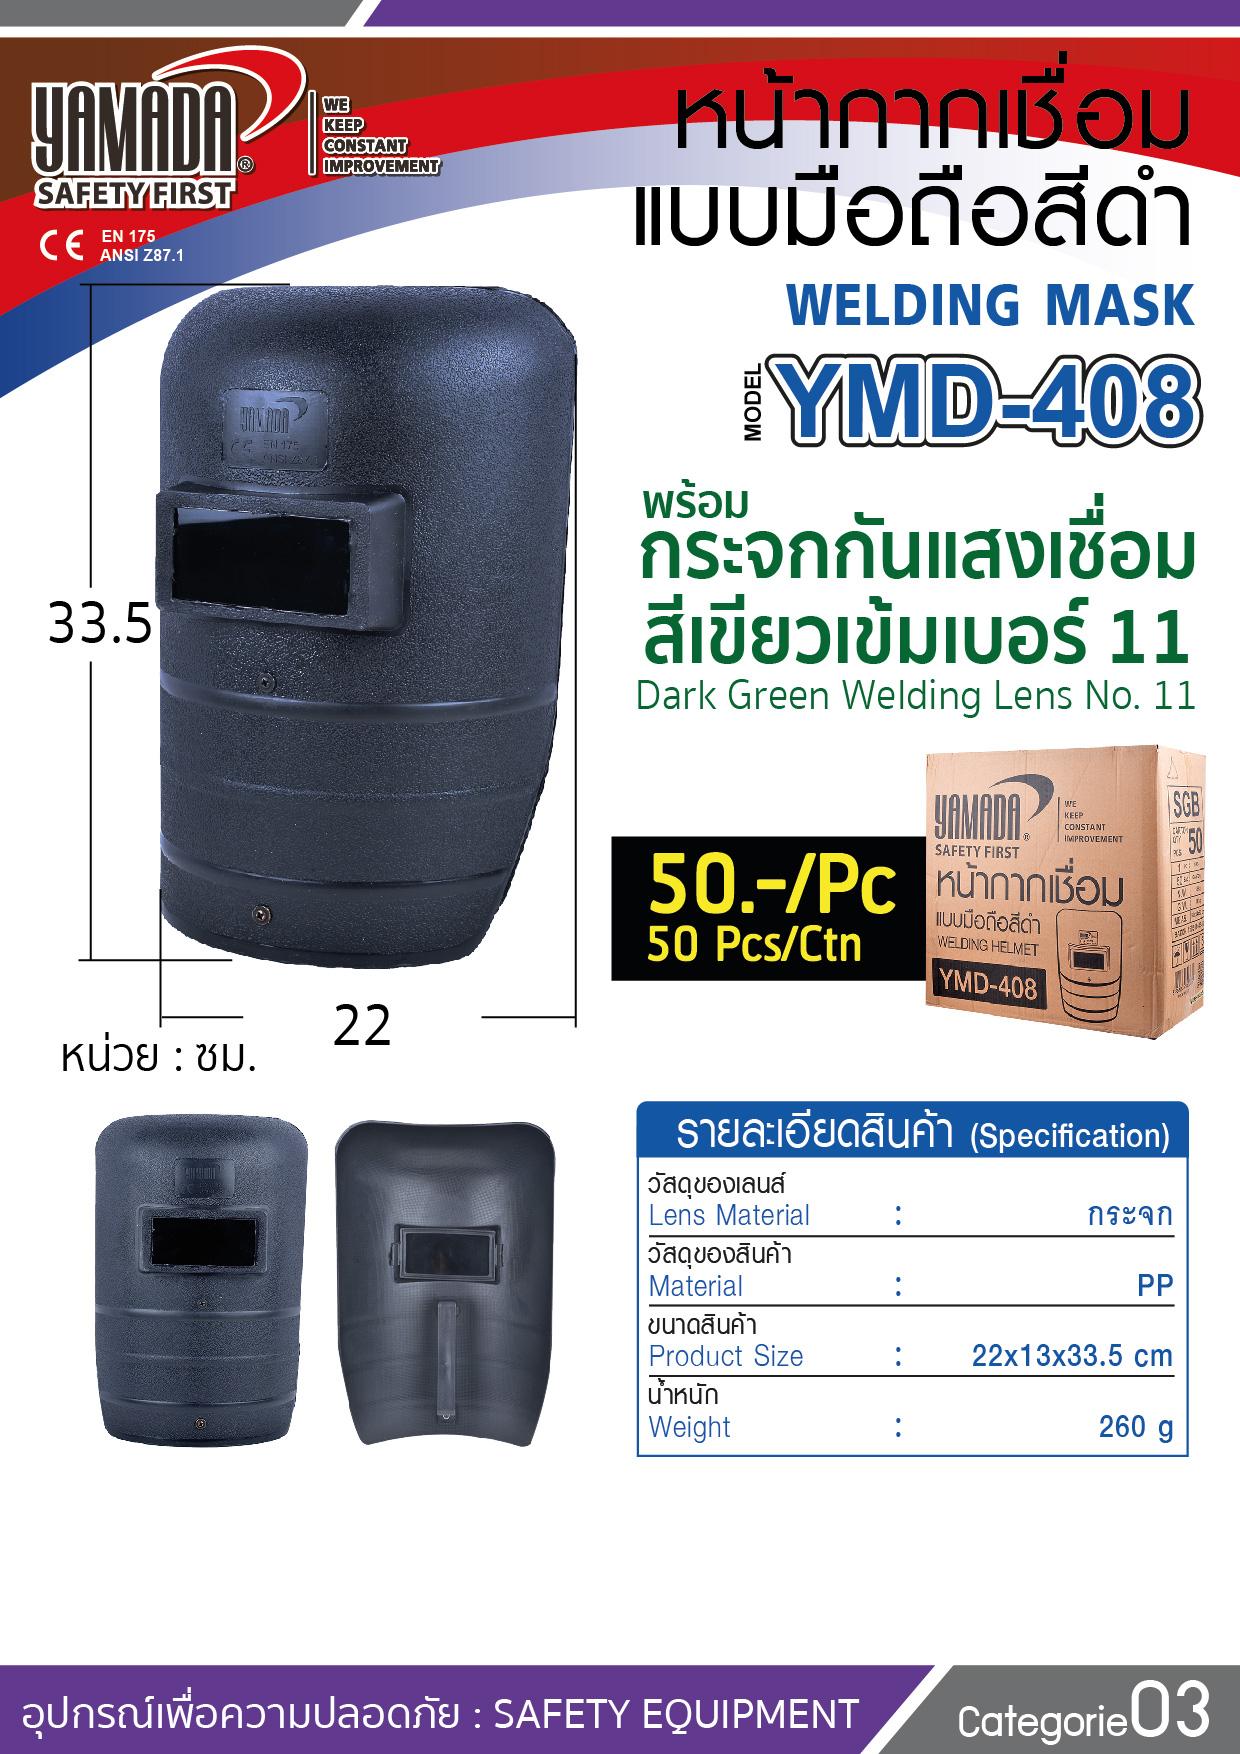 (10/16) หน้ากากกันแสงเชื่อมแบบมือถือ สีแดง  YMD-407